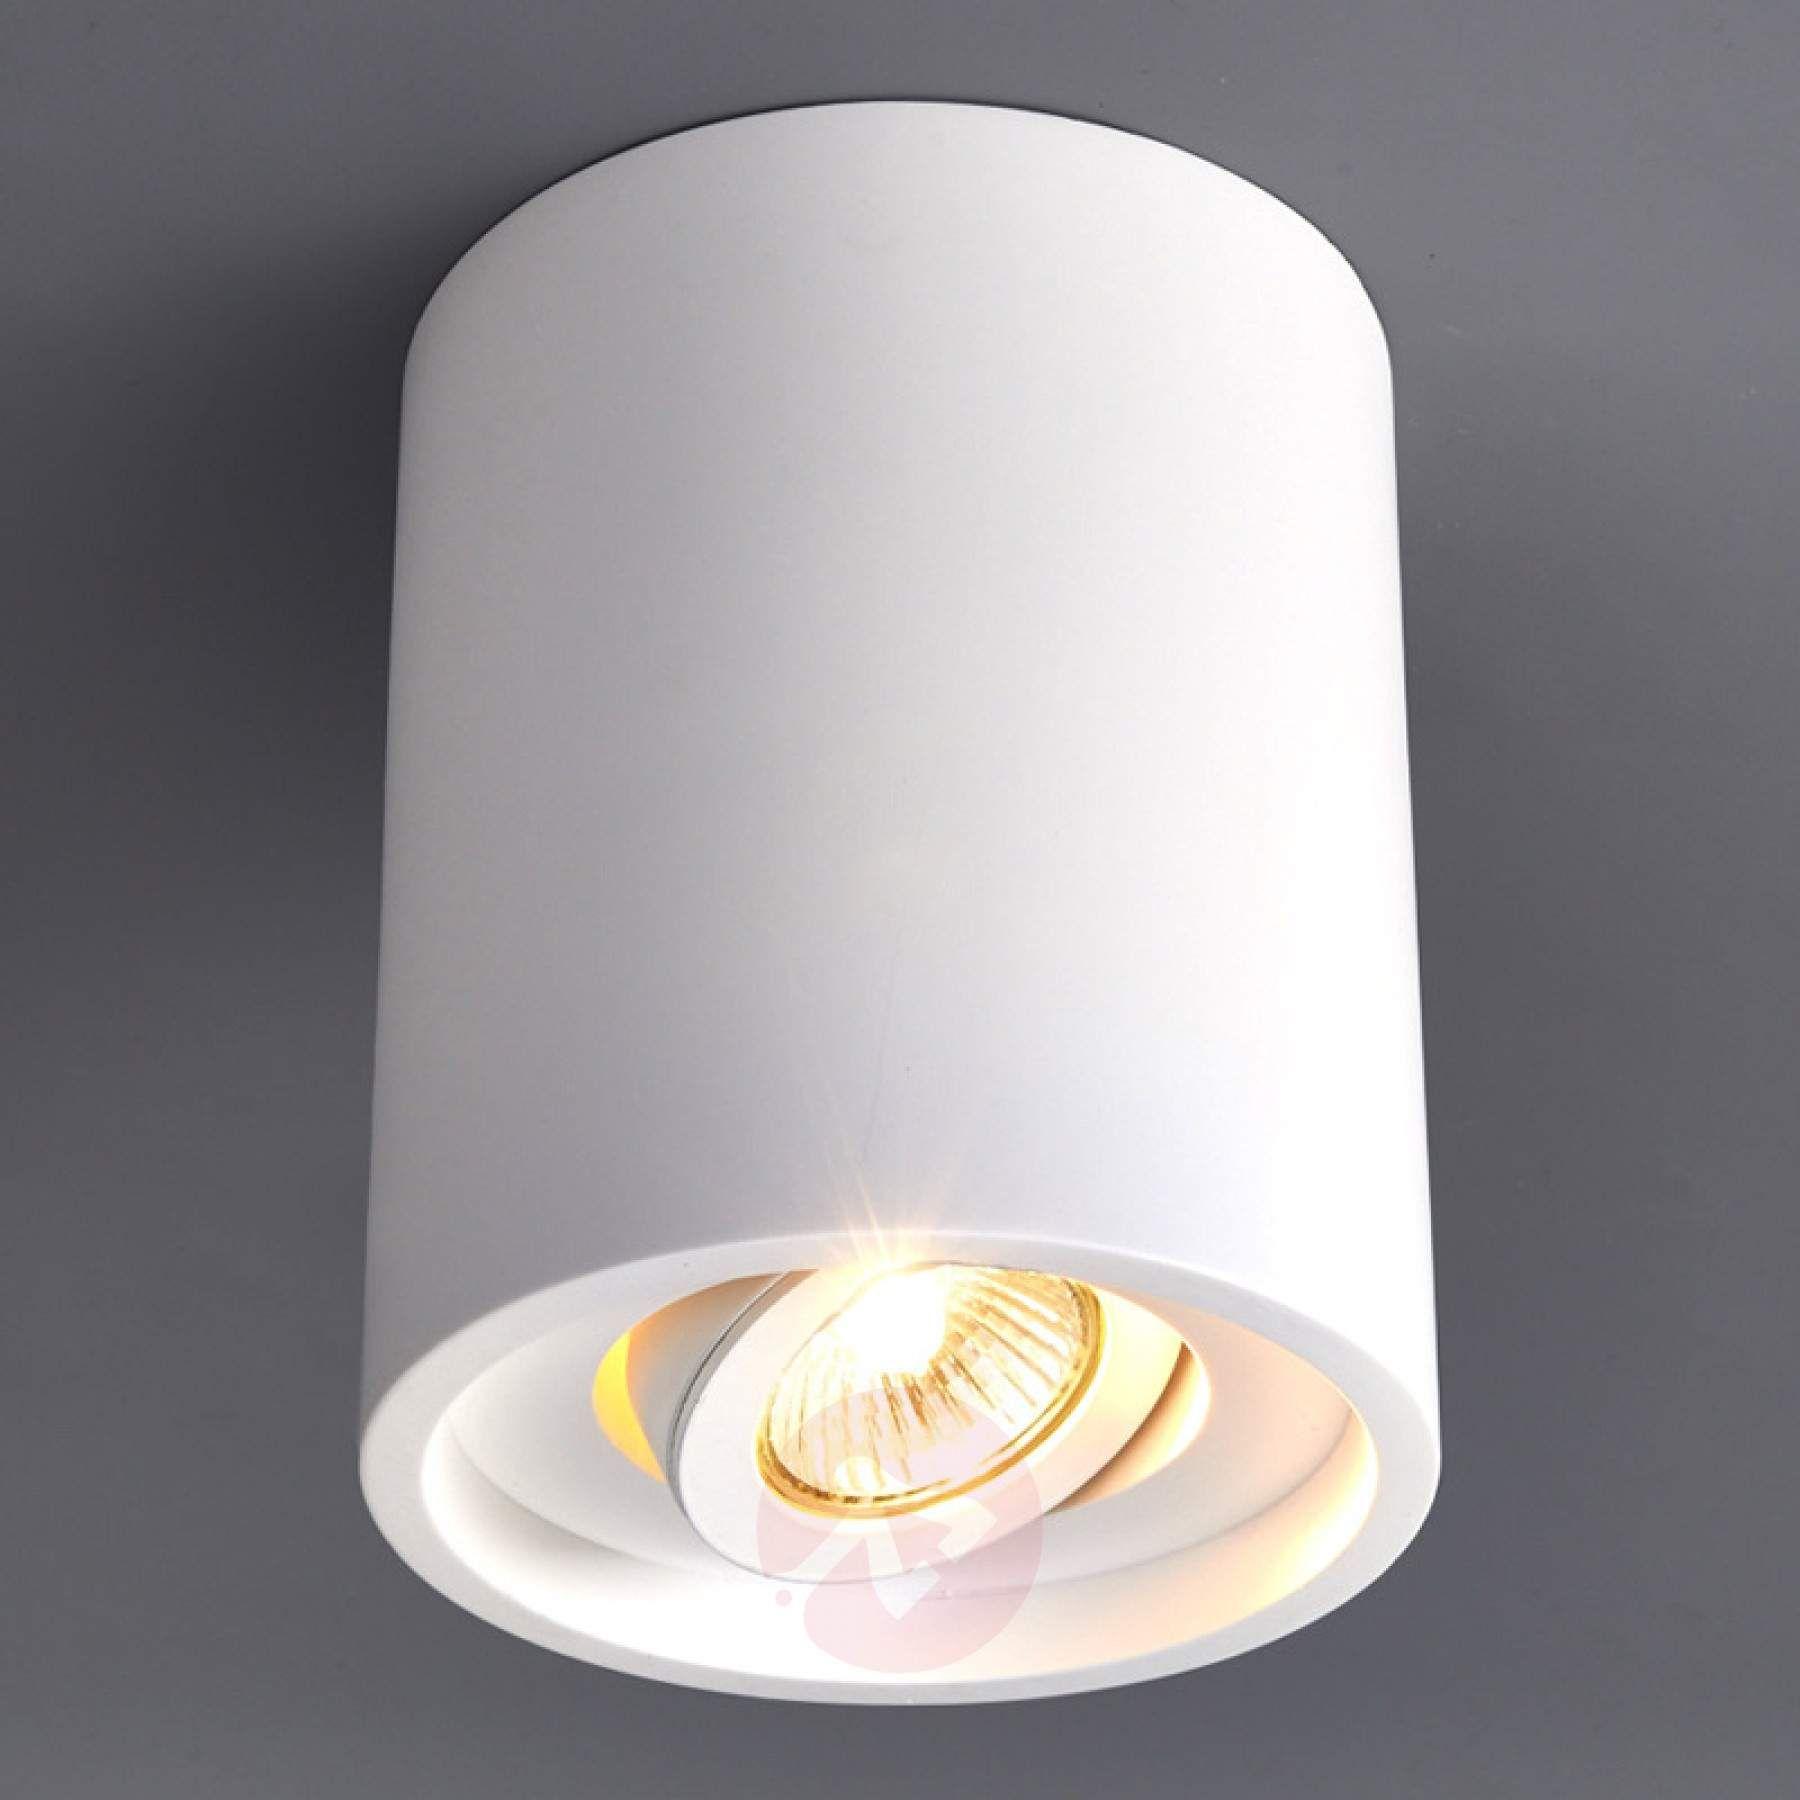 Rundes Gips Downlight Sarina Gu10 9613031 01 Lampe Lampen Lampen Und Leuchten